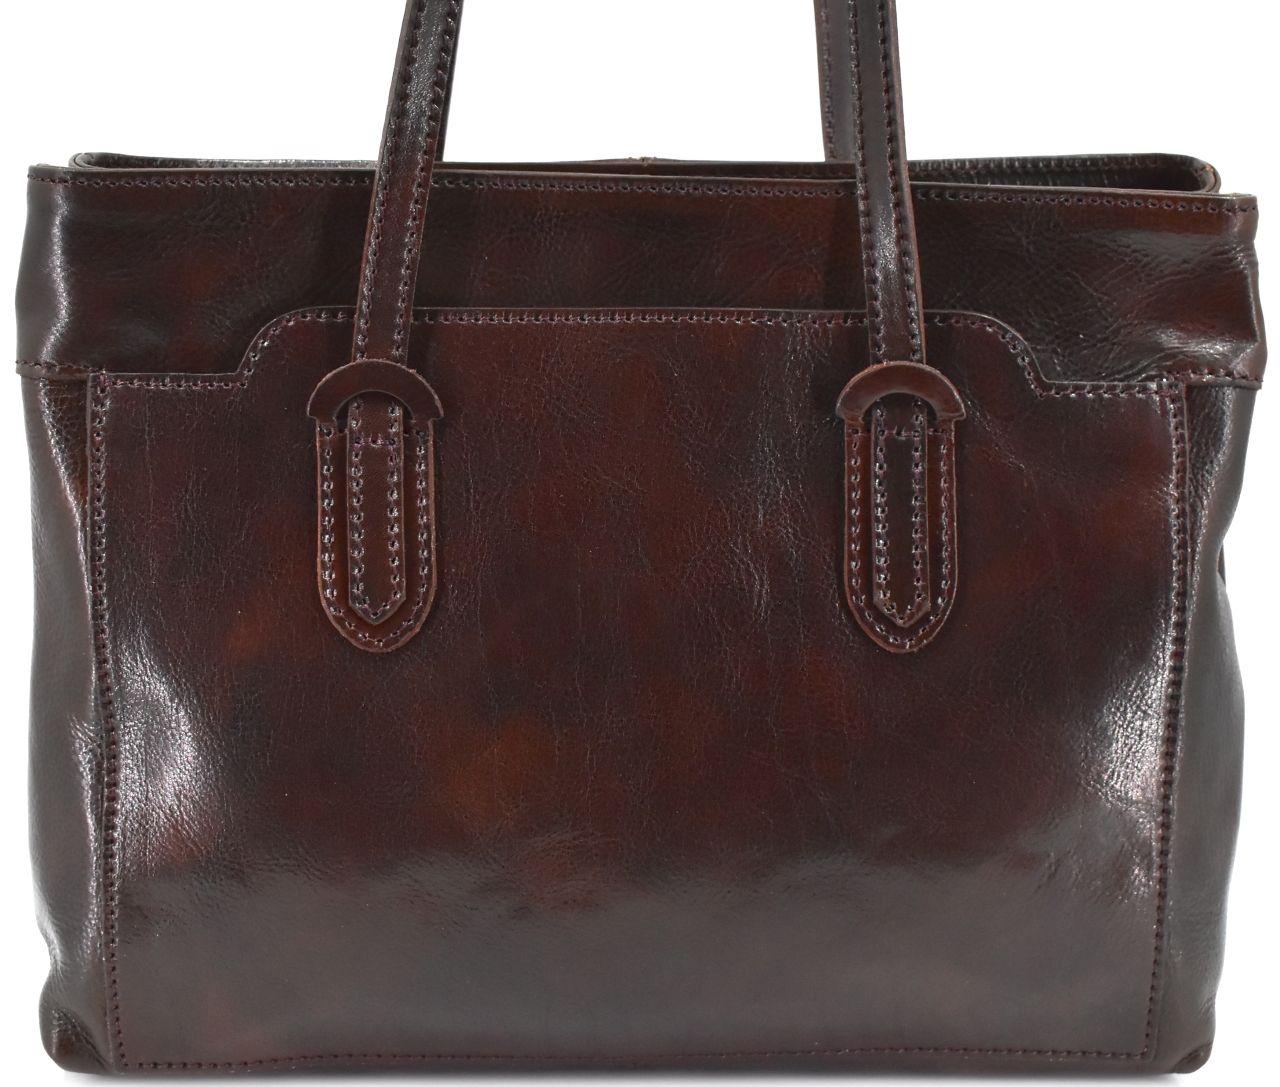 Dámská kožená kabelka Arteddy - tmavě hnědá 29627